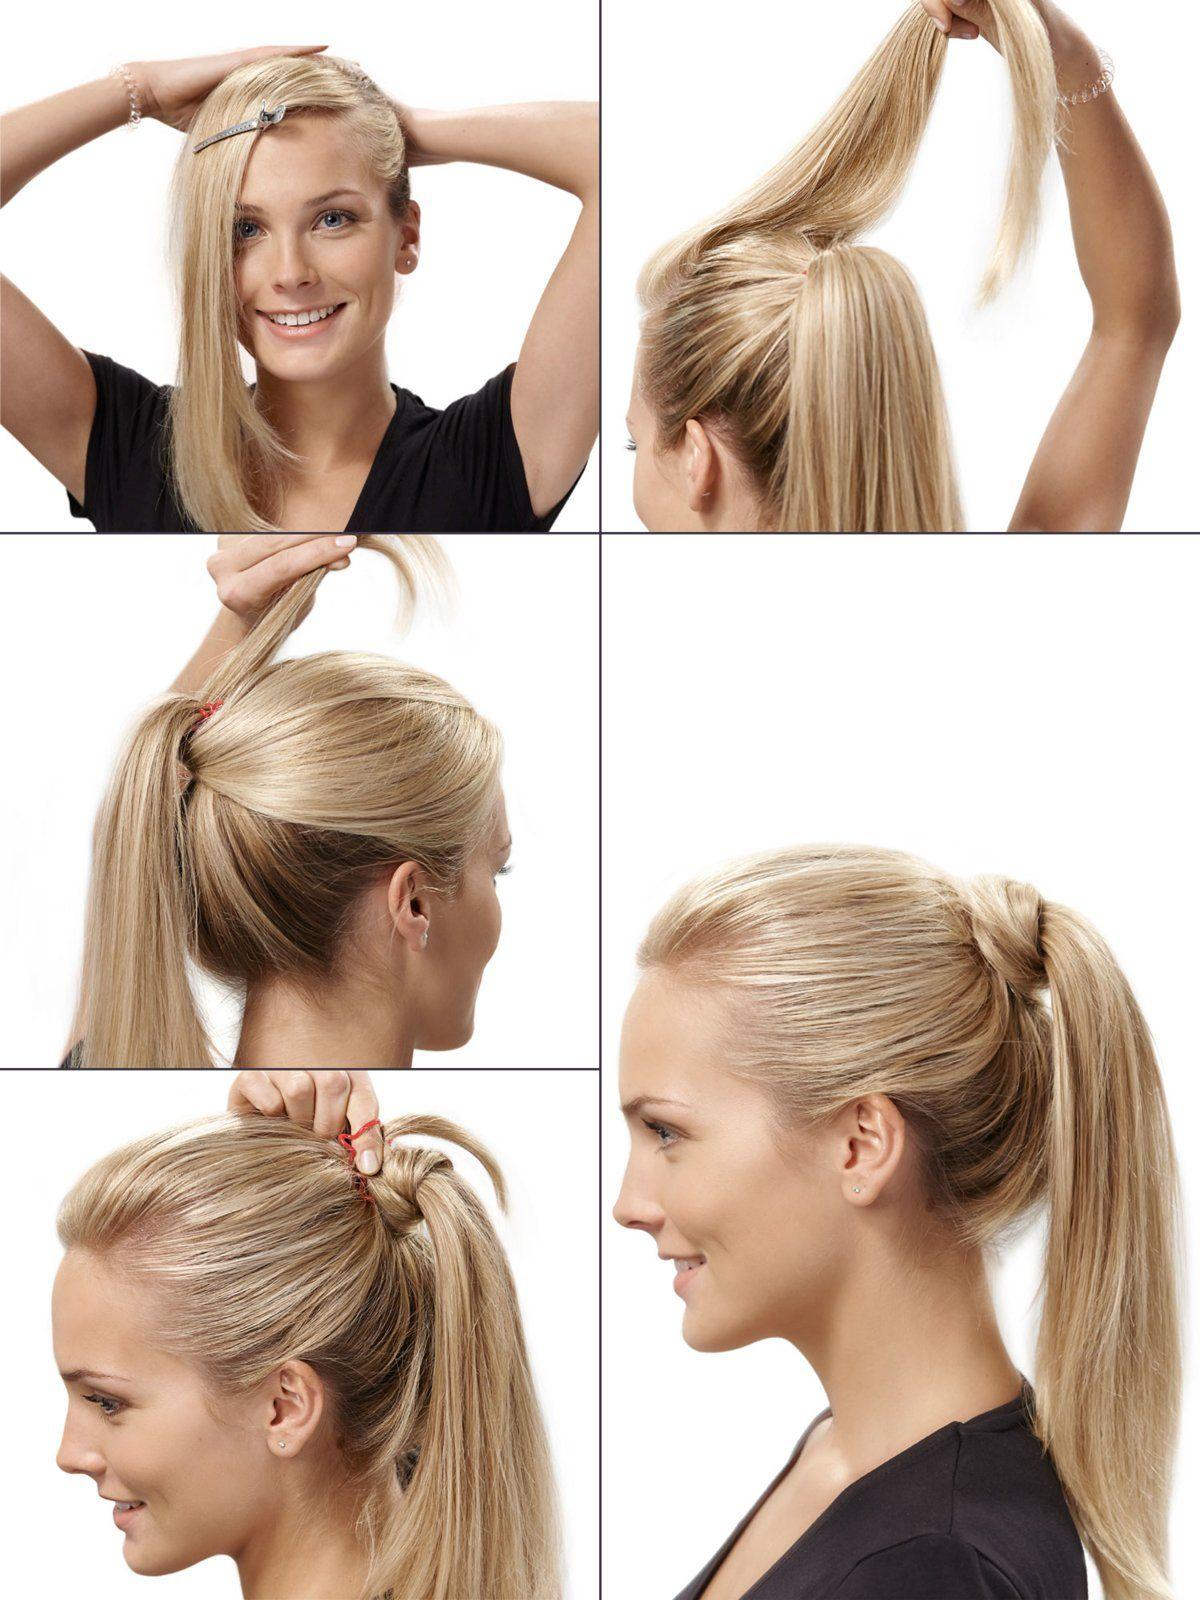 Festliche Frisuren Festfrisuren Selber Machen Haare Pinterest